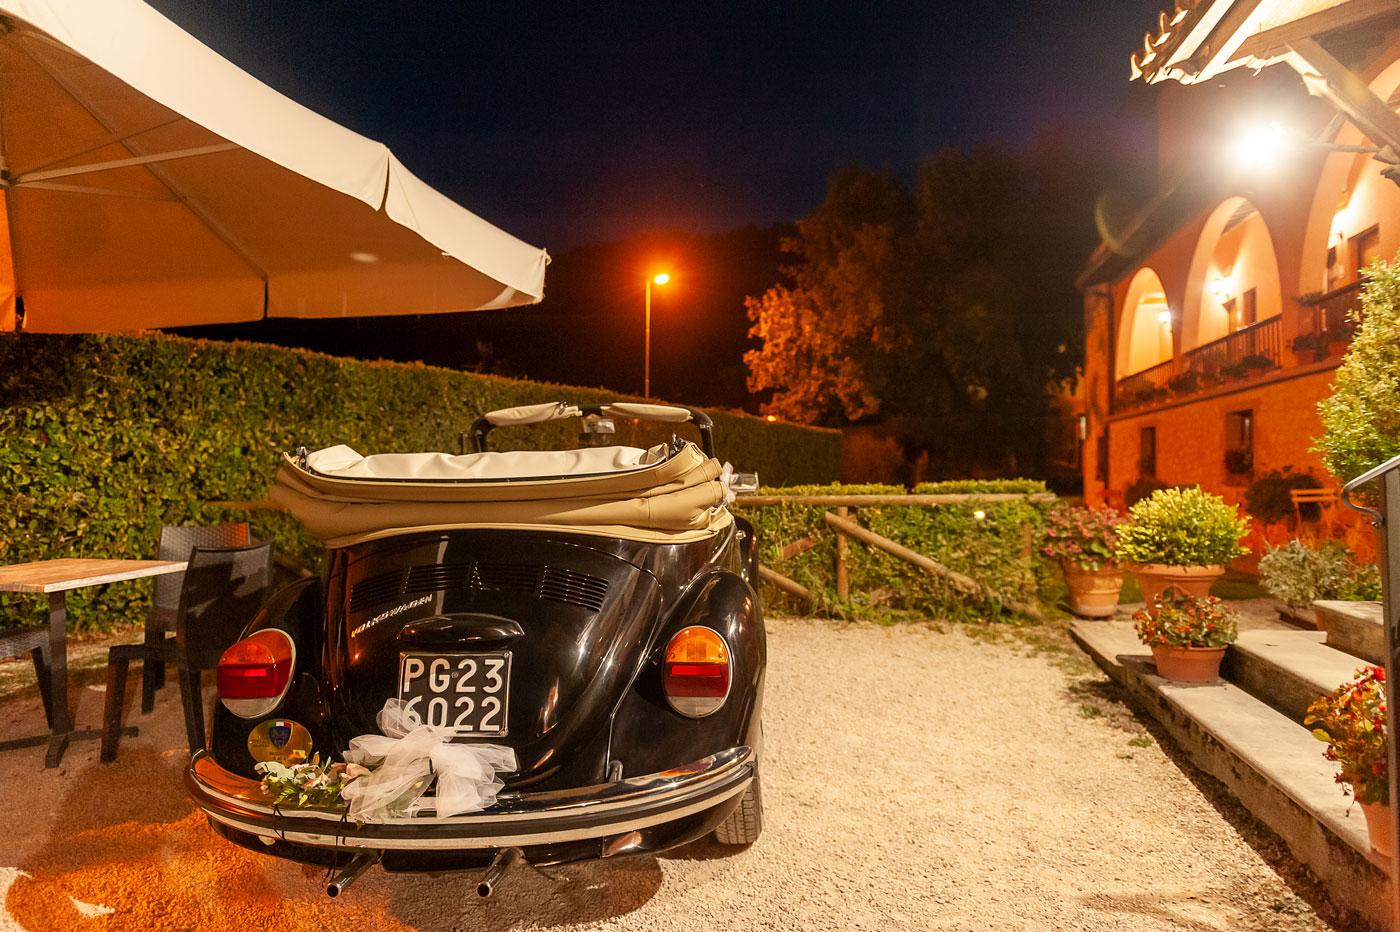 la-fattoria-spoleto-ristorante-pizzeria-albergo-ingresso-maggiolone